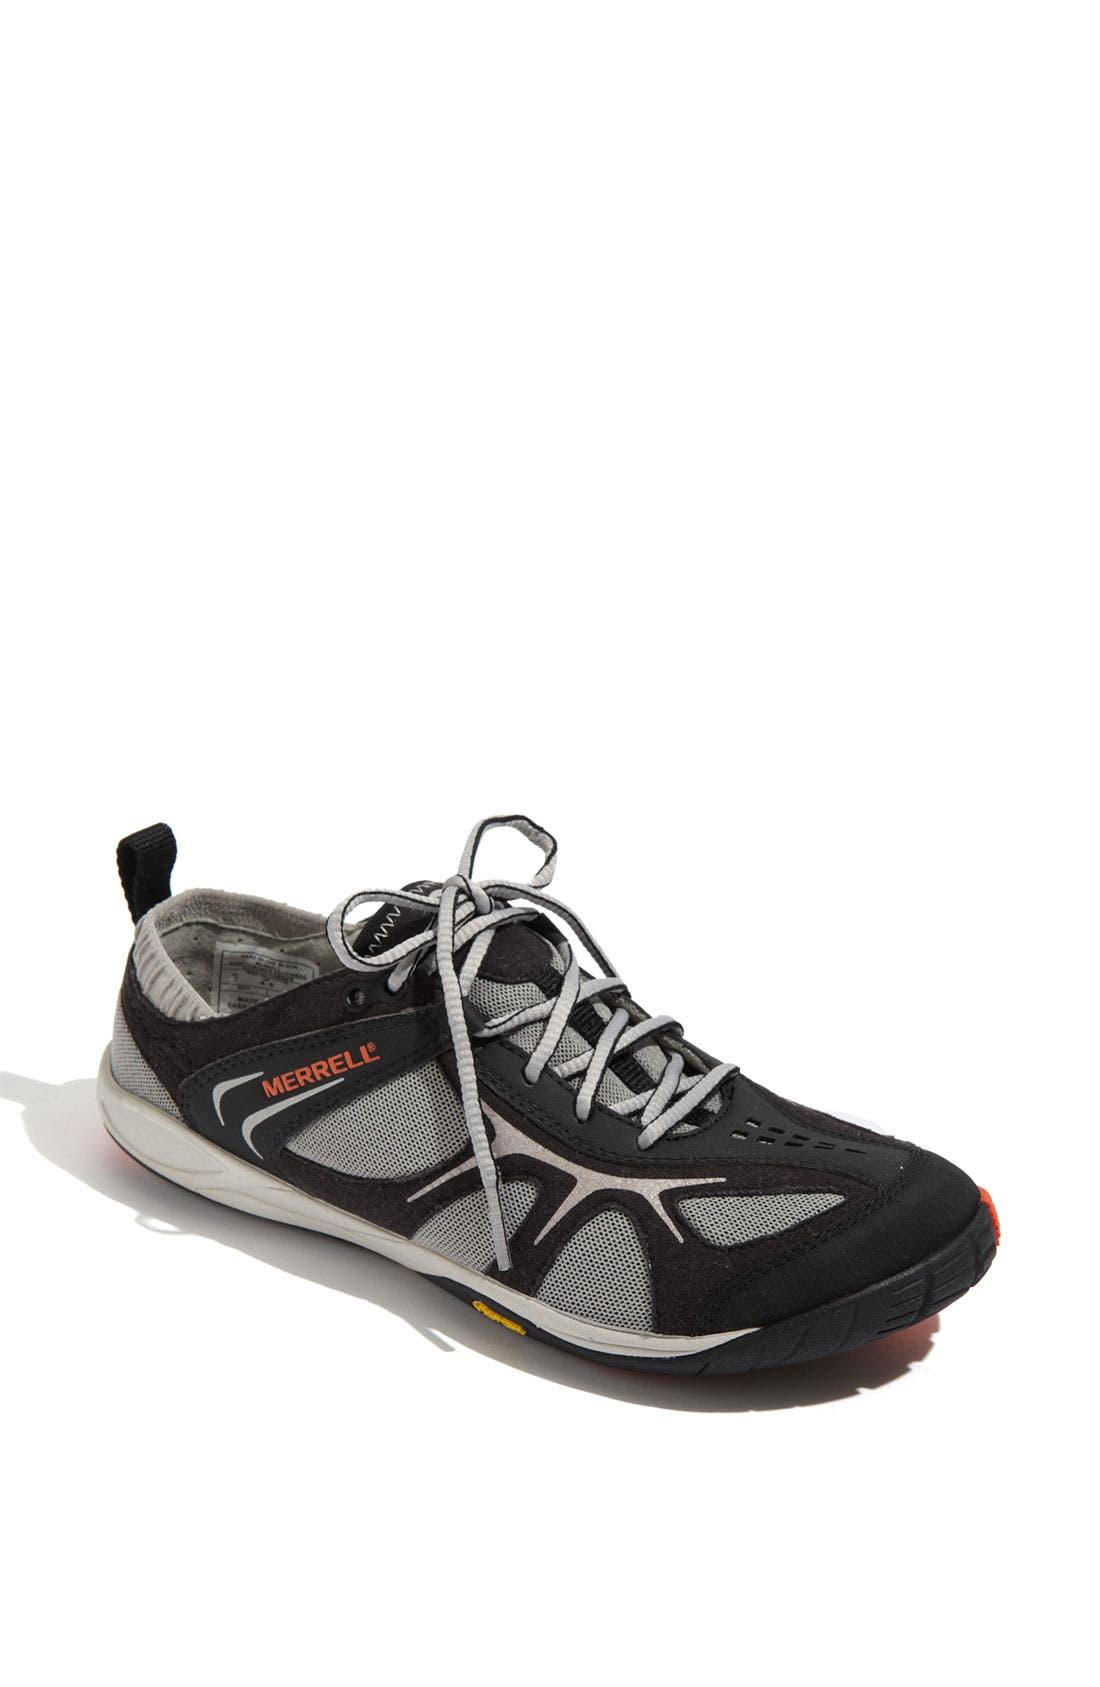 Main Image - Merrell 'Dash Glove' Running Shoe (Women)